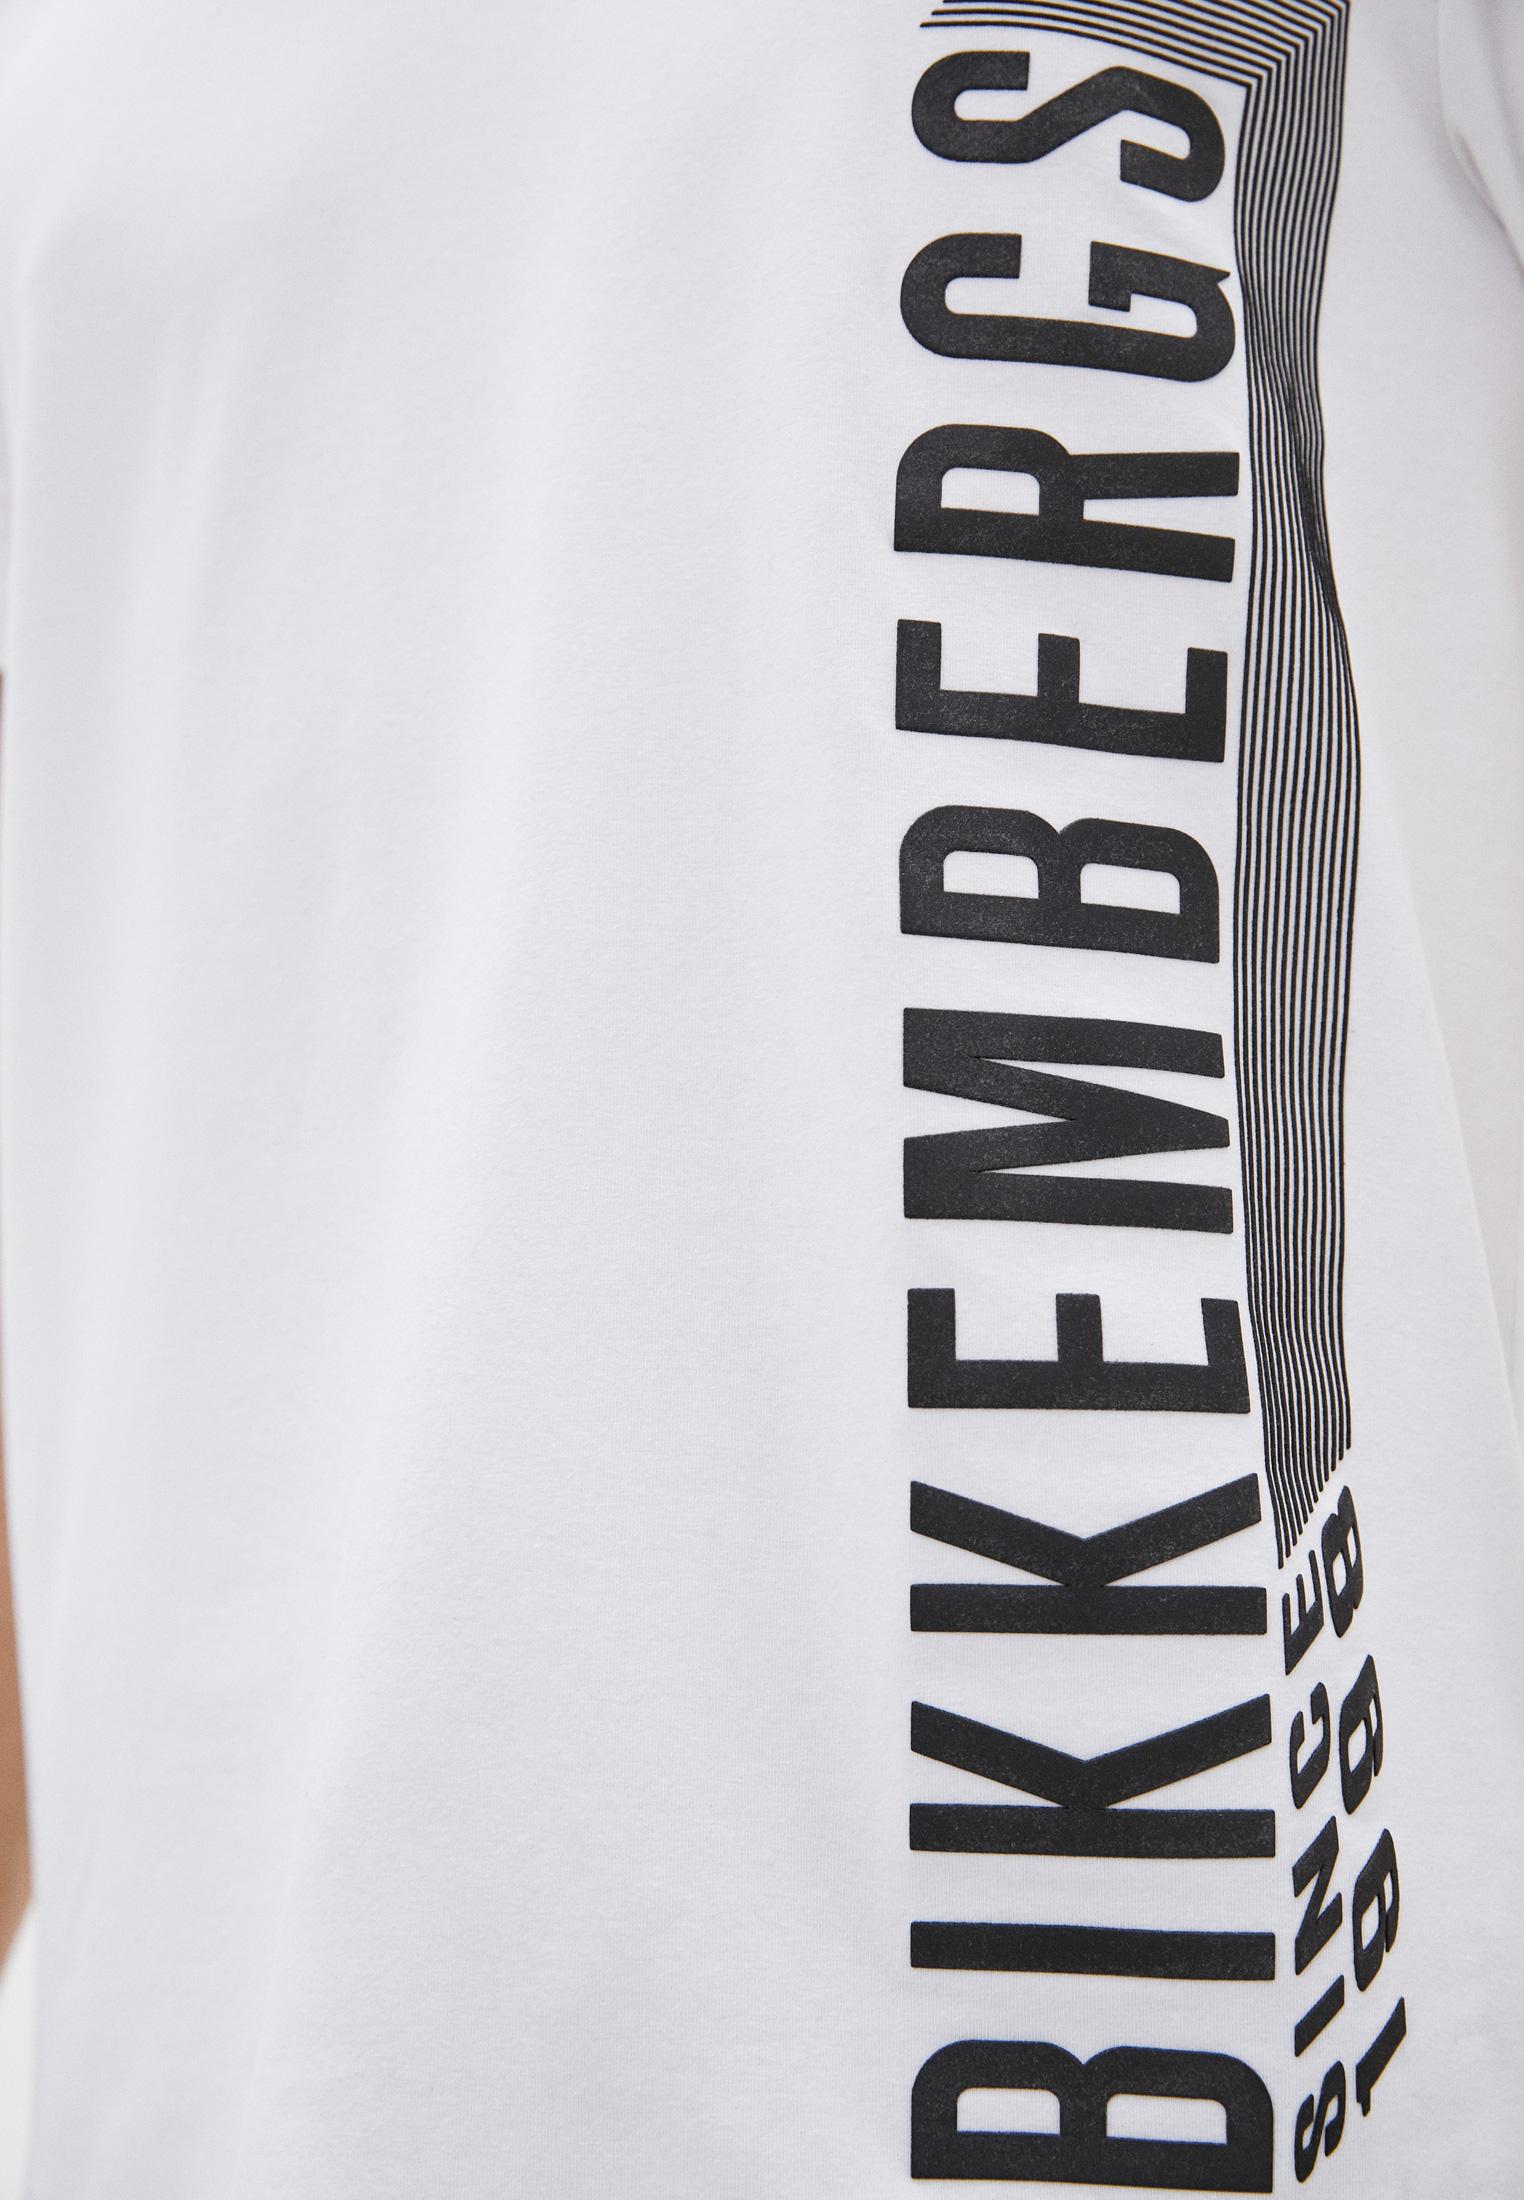 Мужская футболка Bikkembergs (Биккембергс) C 4 101 47 E 2296: изображение 5